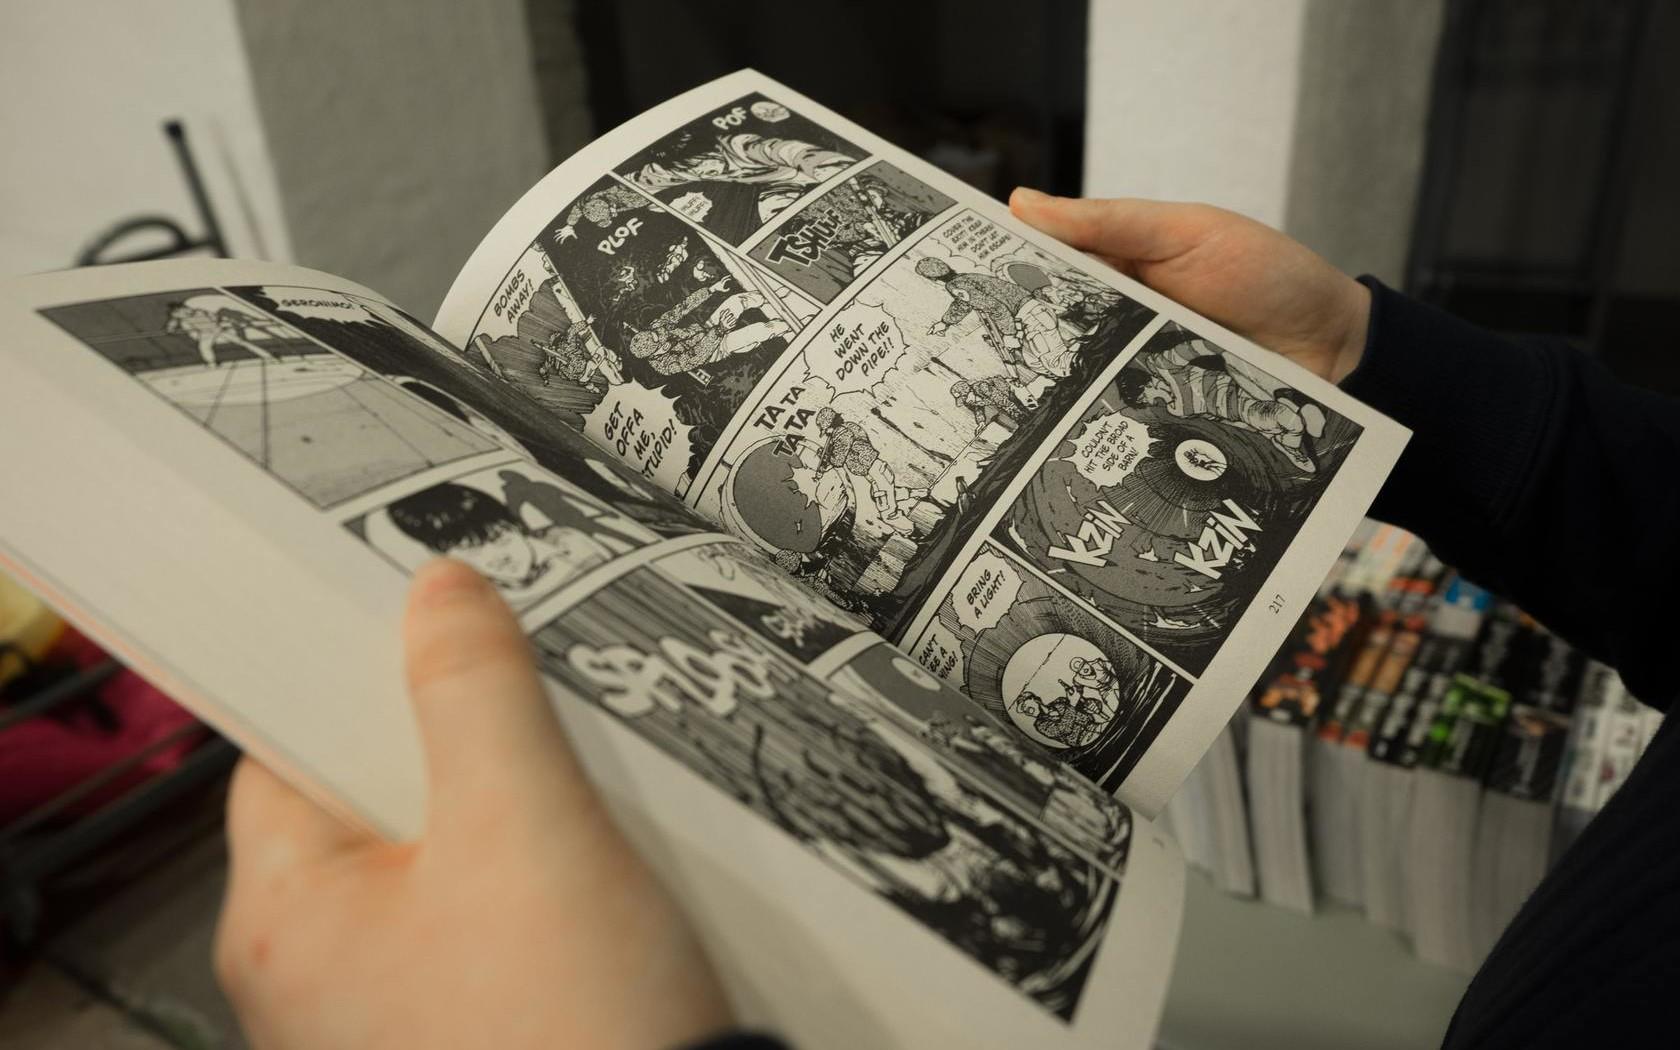 Comics in English: от идеи до публикации